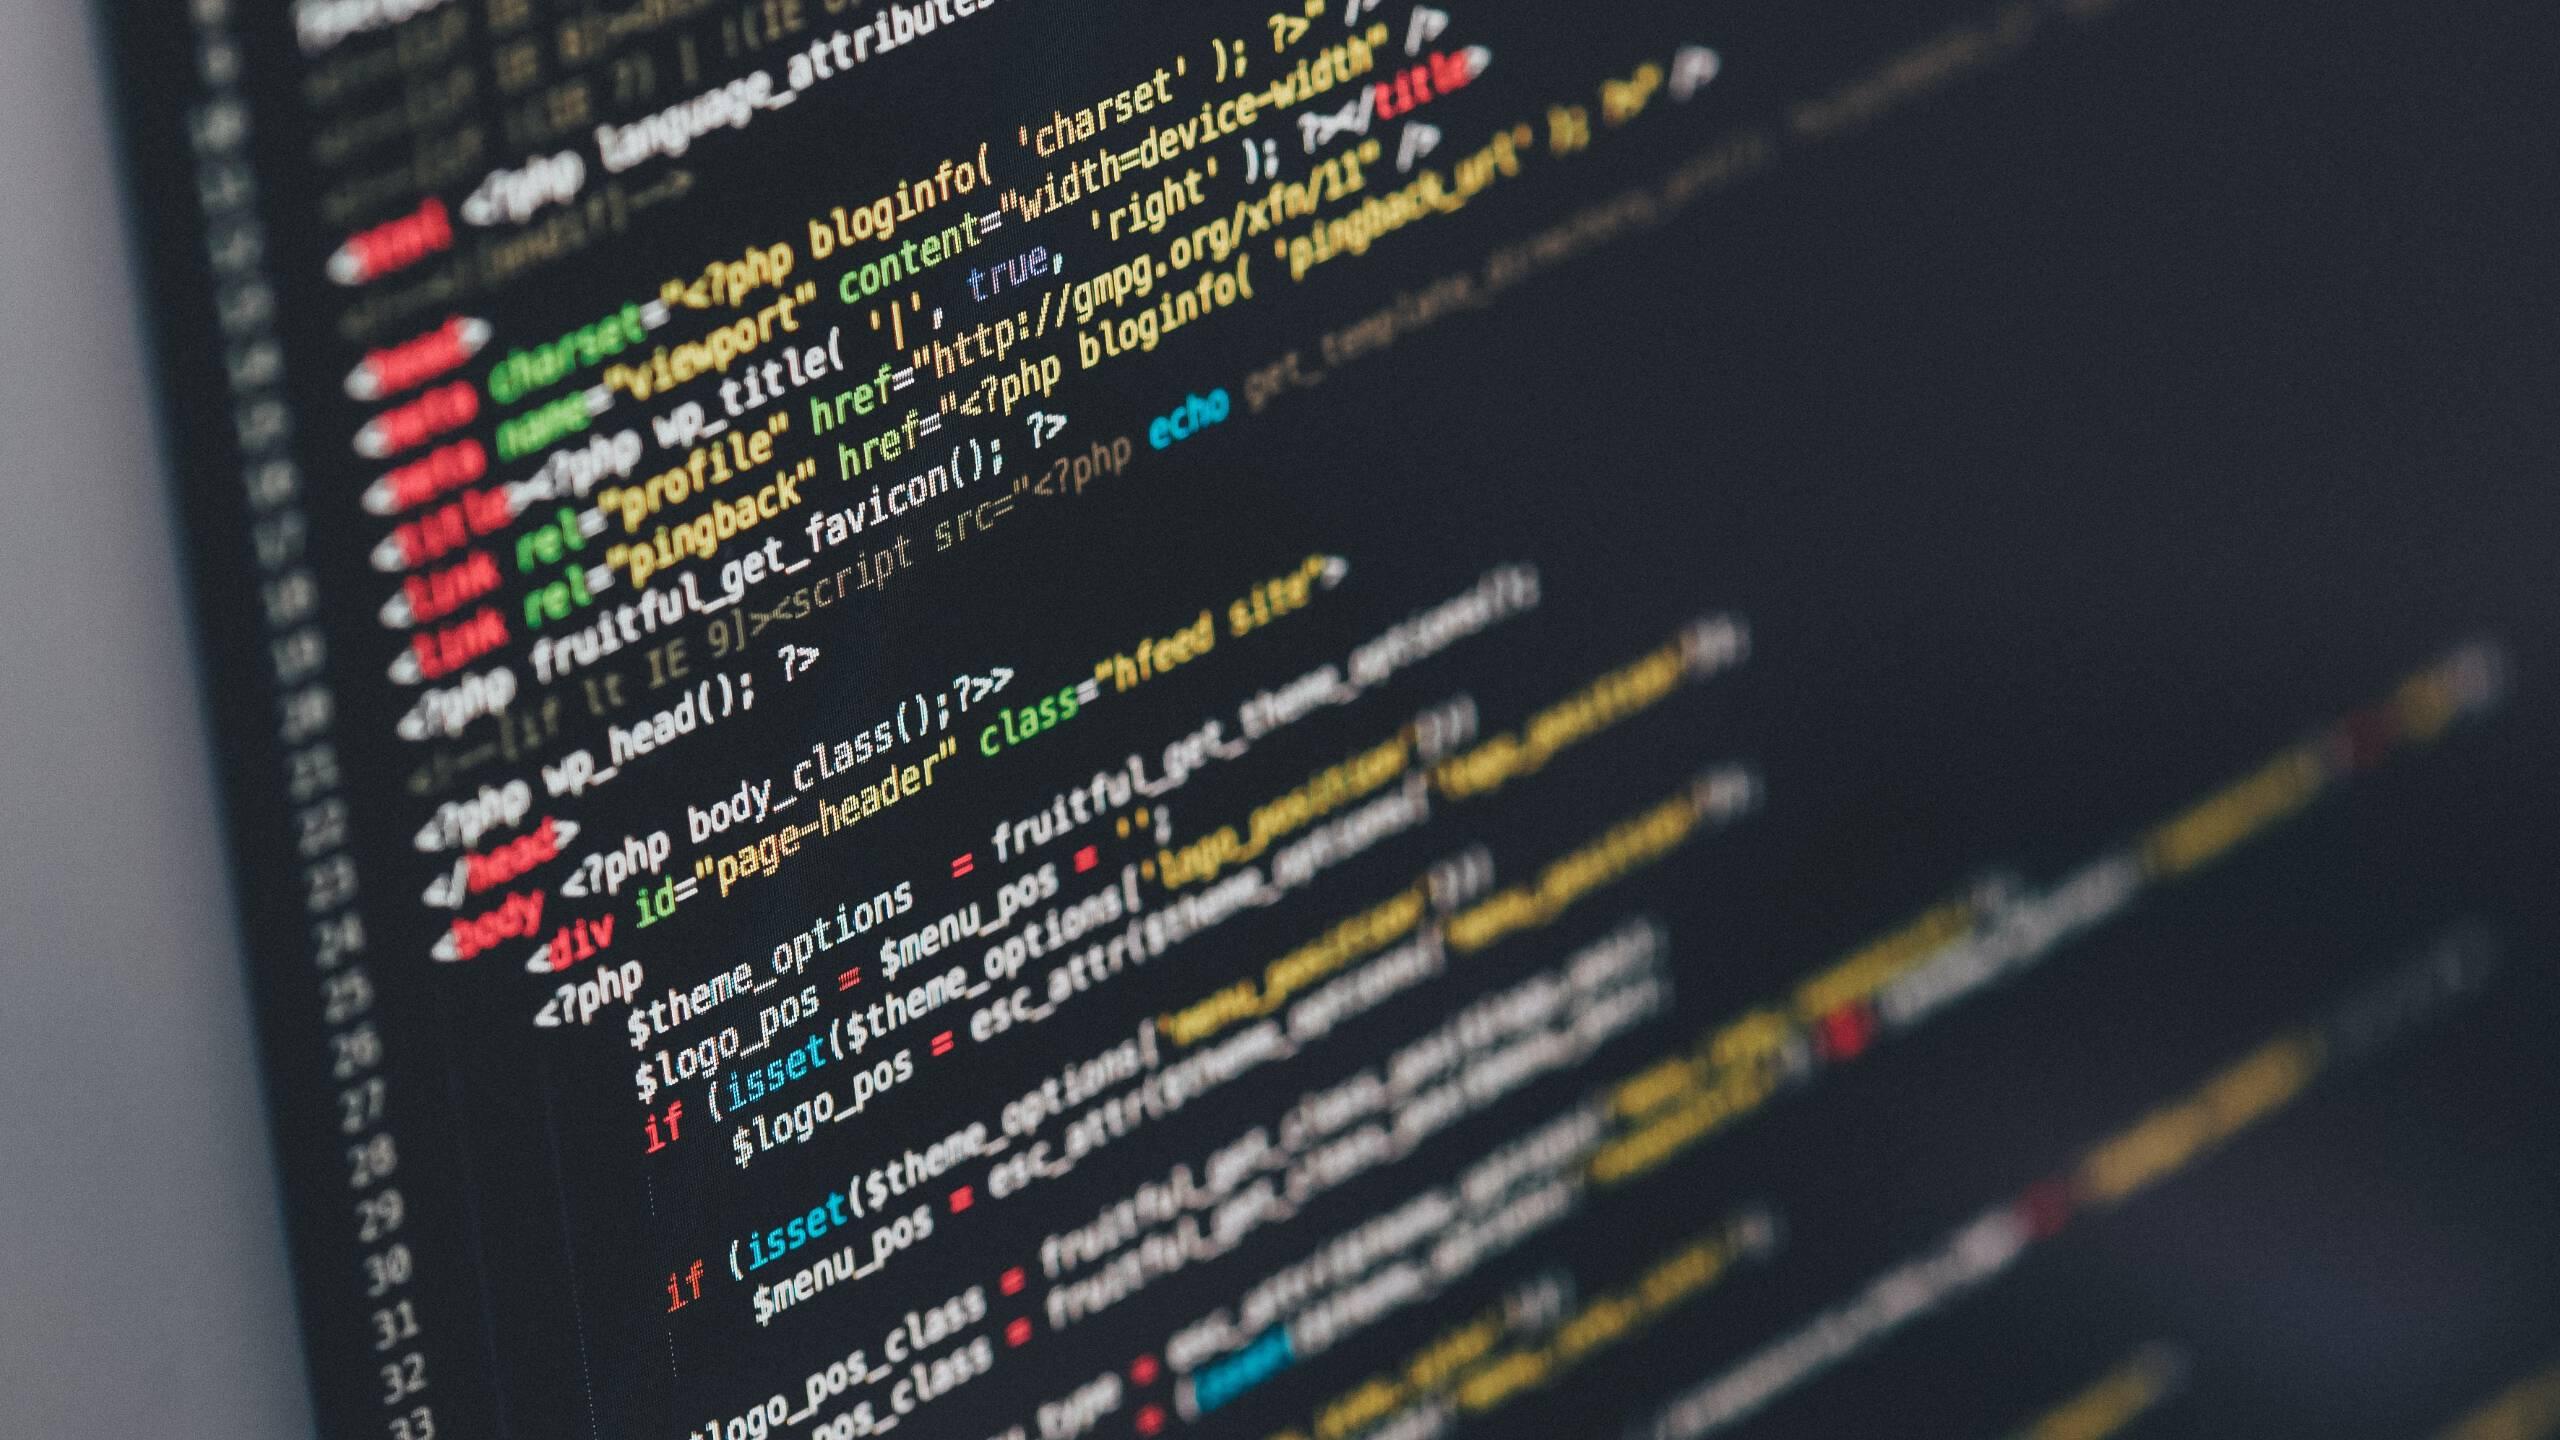 Курсы по работе с платформой Node с нуля